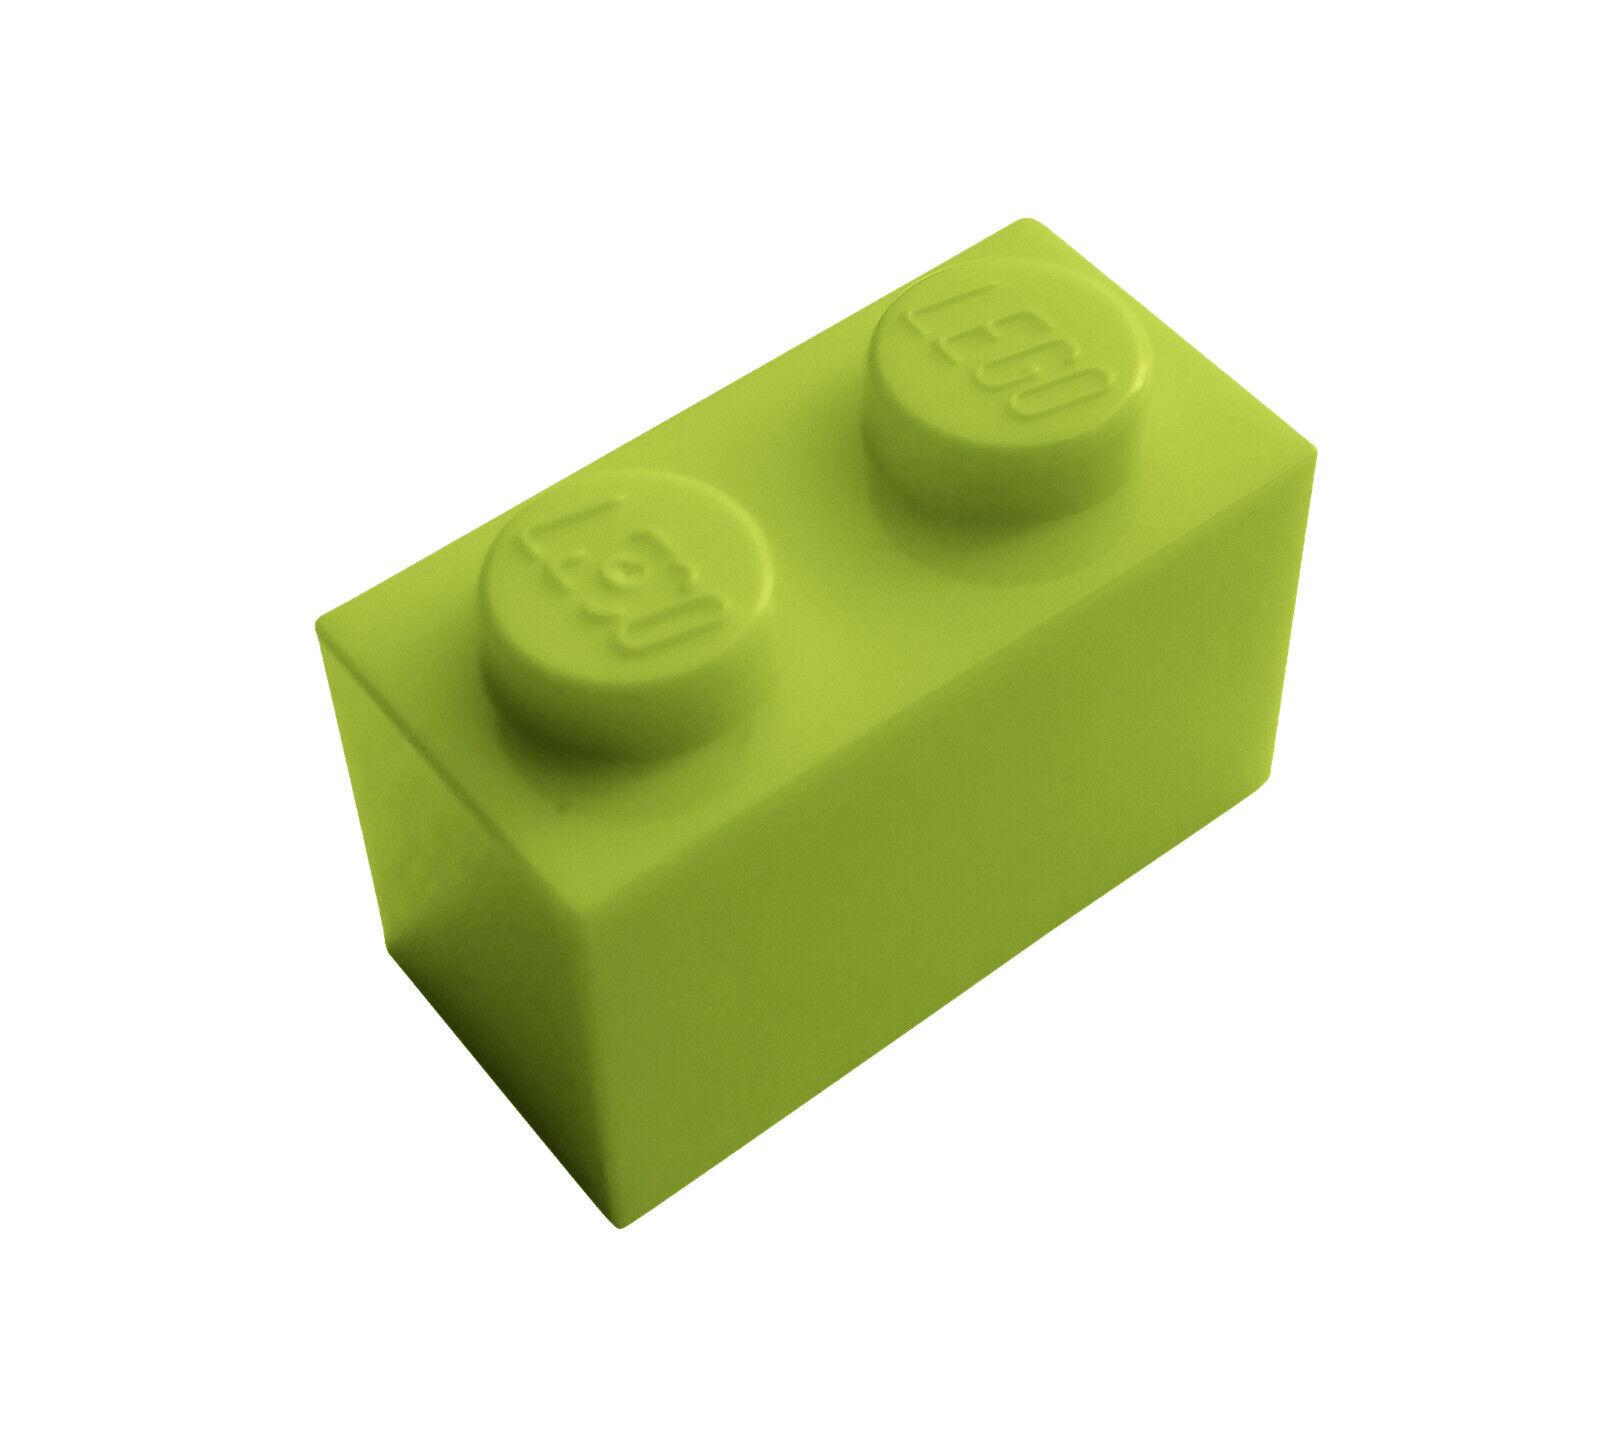 Neu City Basics 3004 Lego 30 Stück Stein 1x2 blau Steine blaue Basicsteine